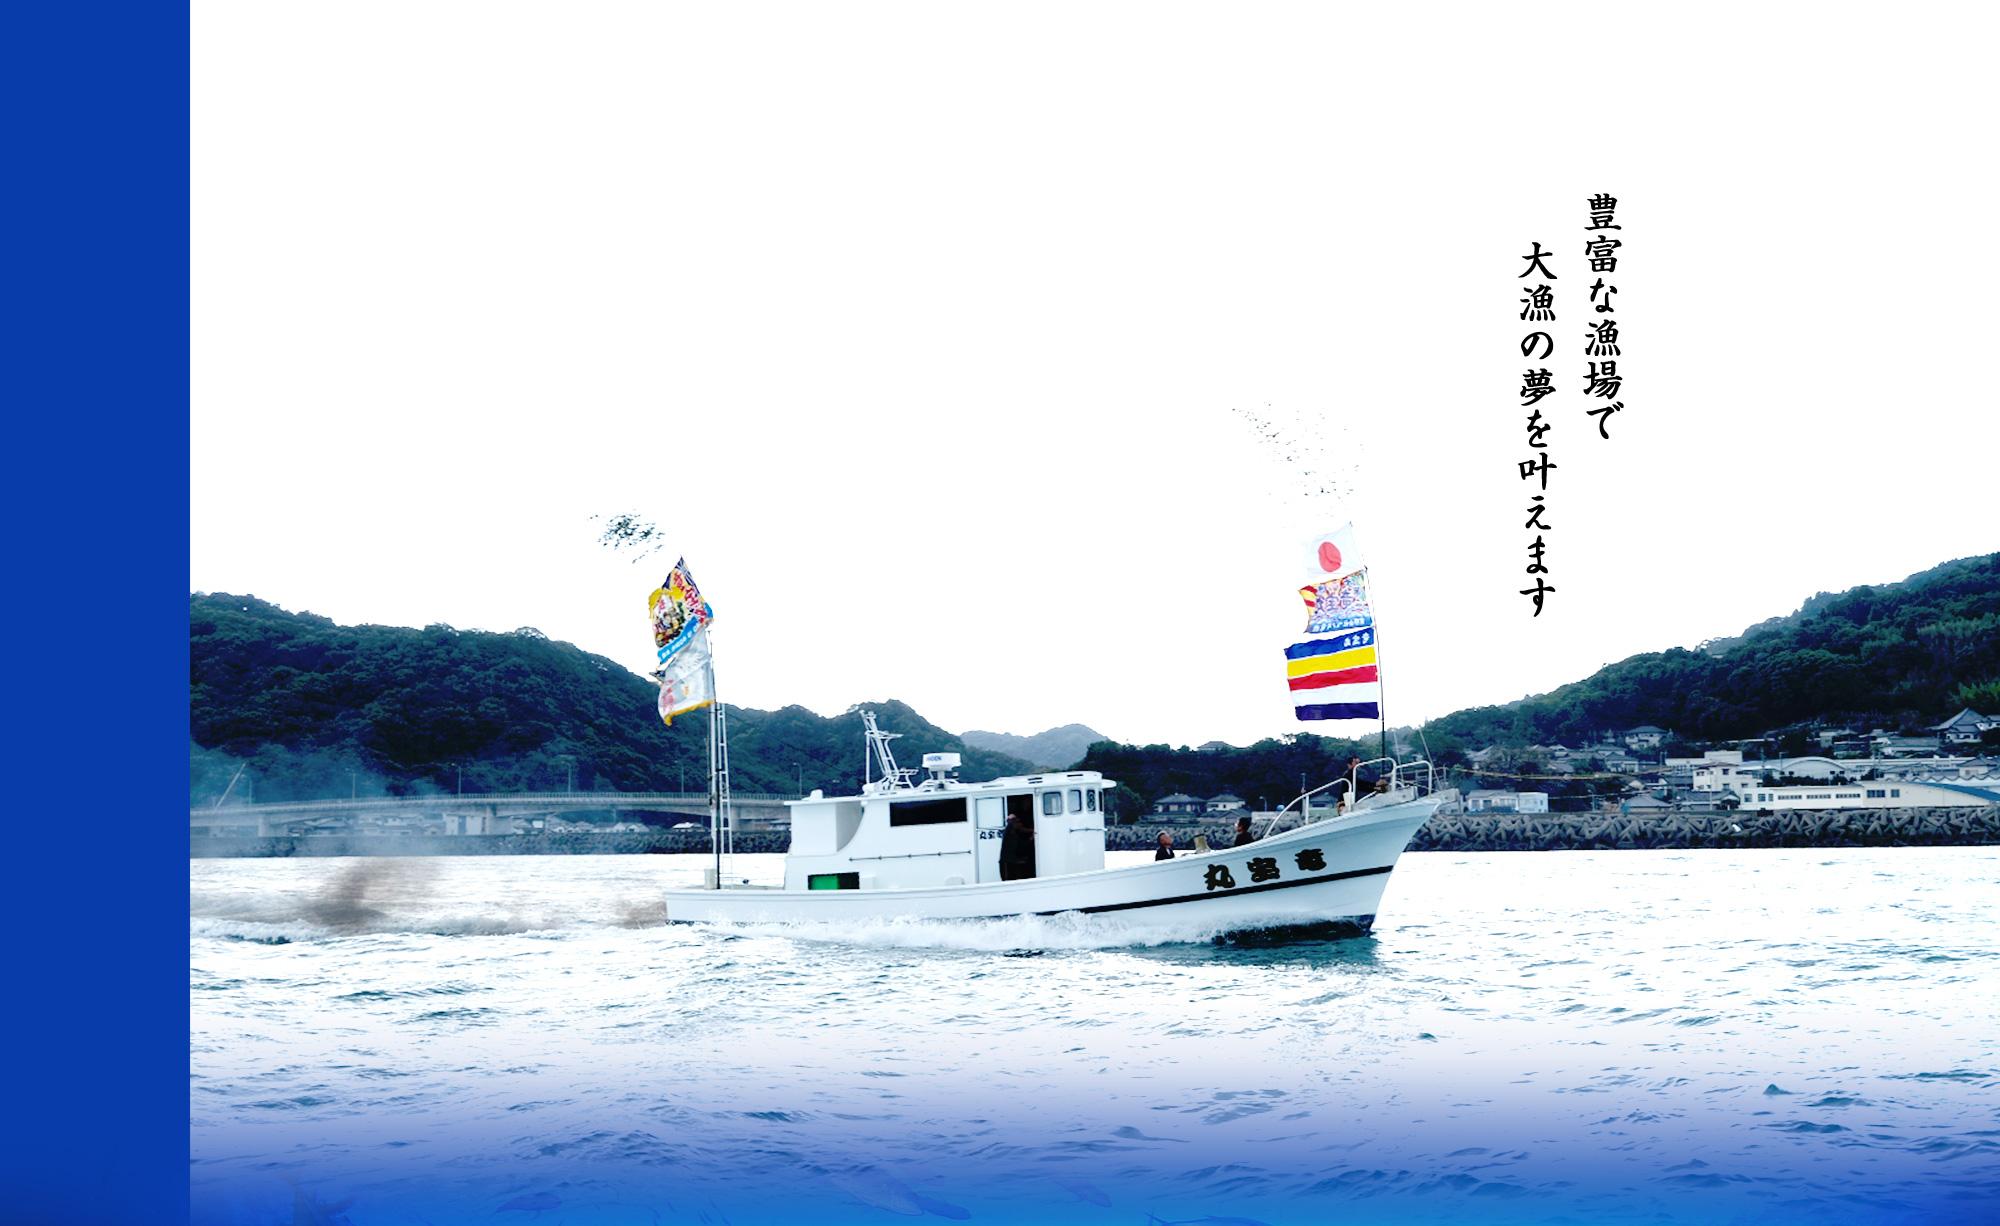 豊富な漁場で大漁の夢を叶えます